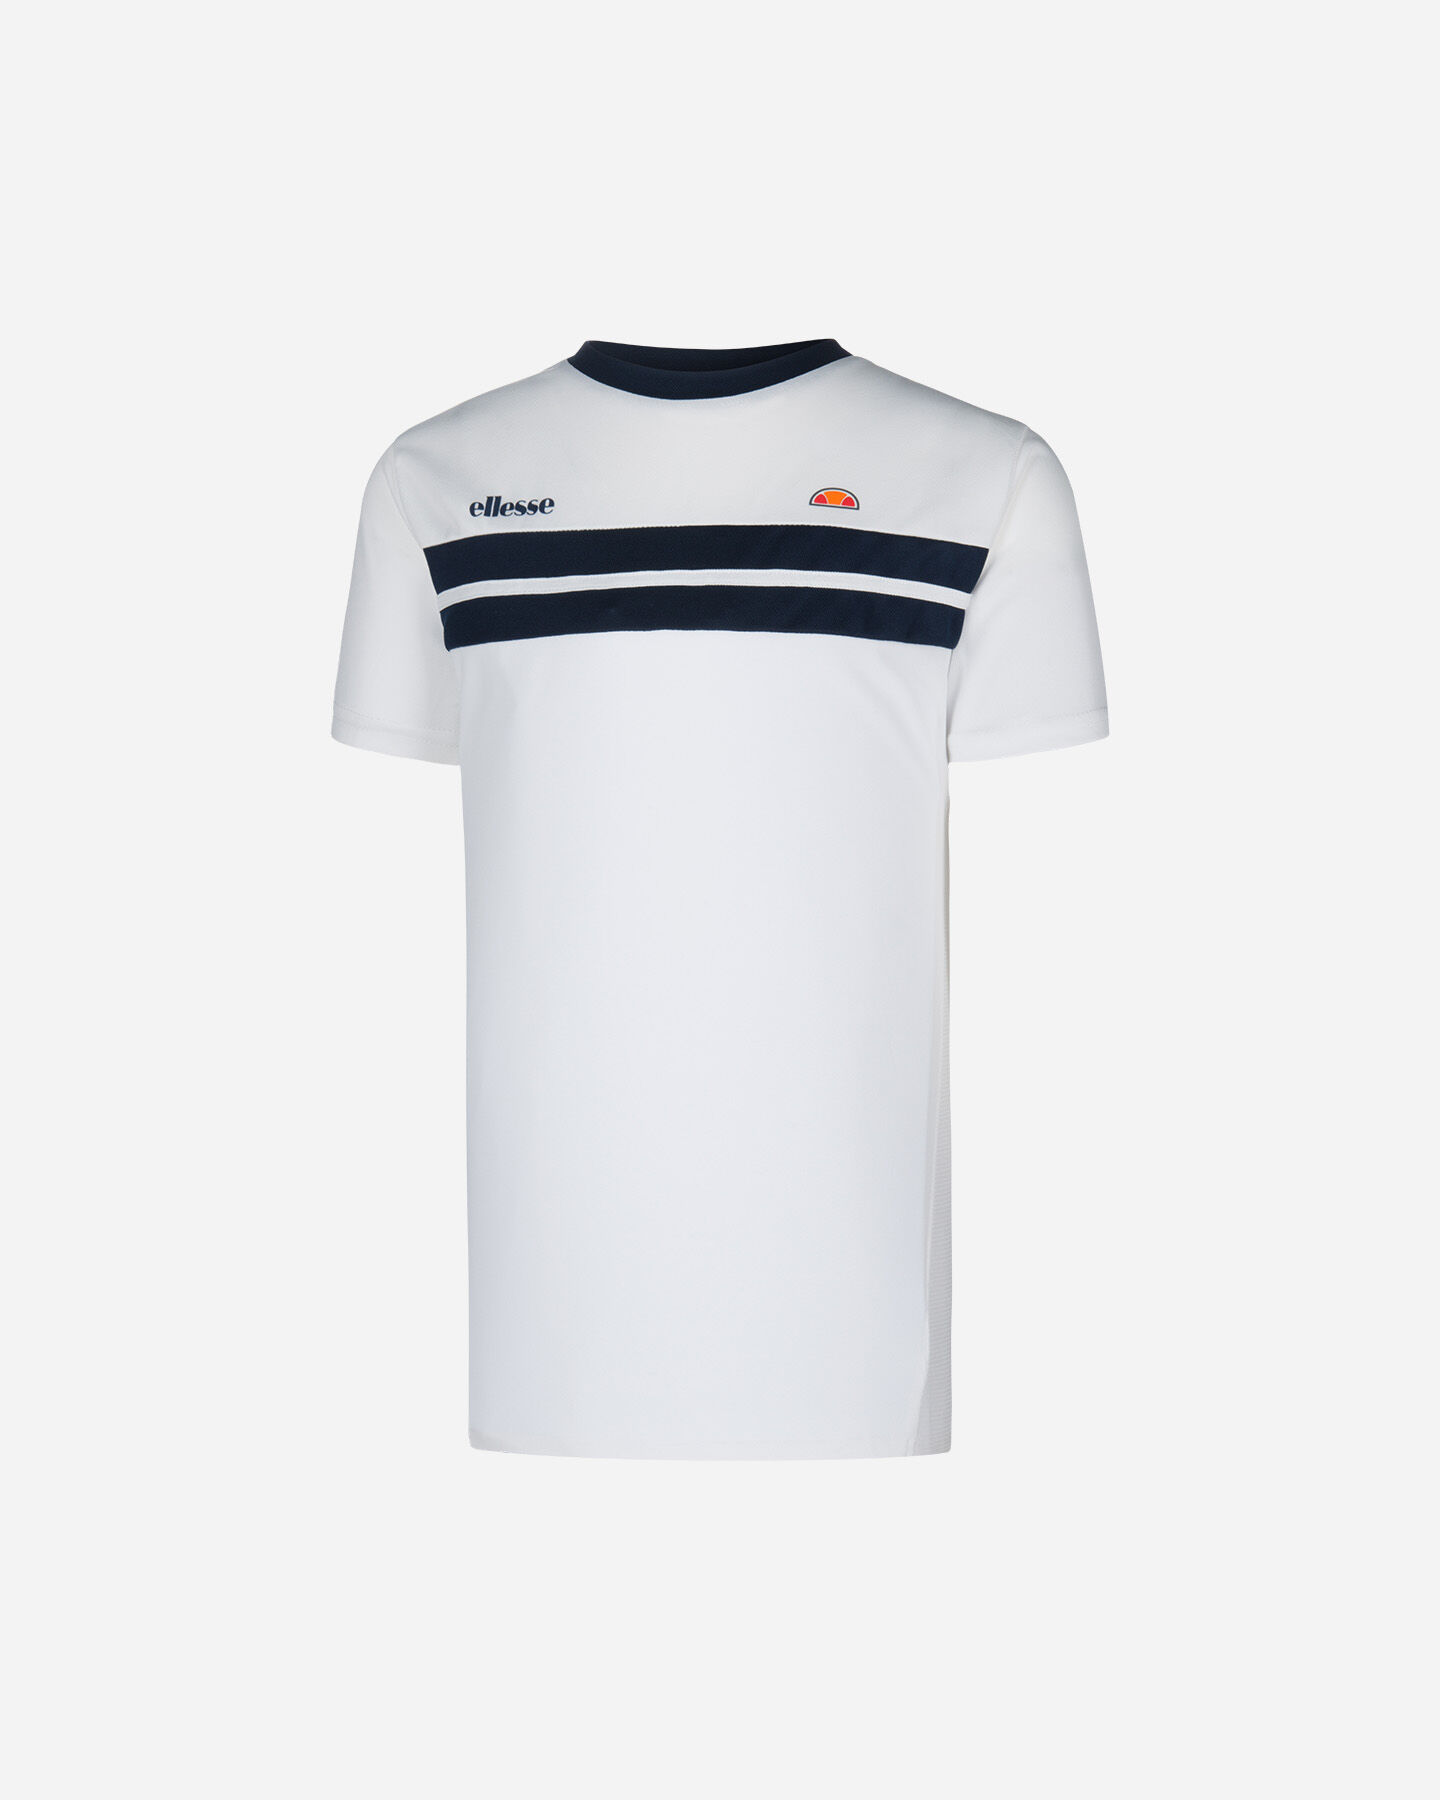 0d2fc924b4 Sport Accessori Da Abbigliamento Cisalfa E Tennis w51vnxqXxE